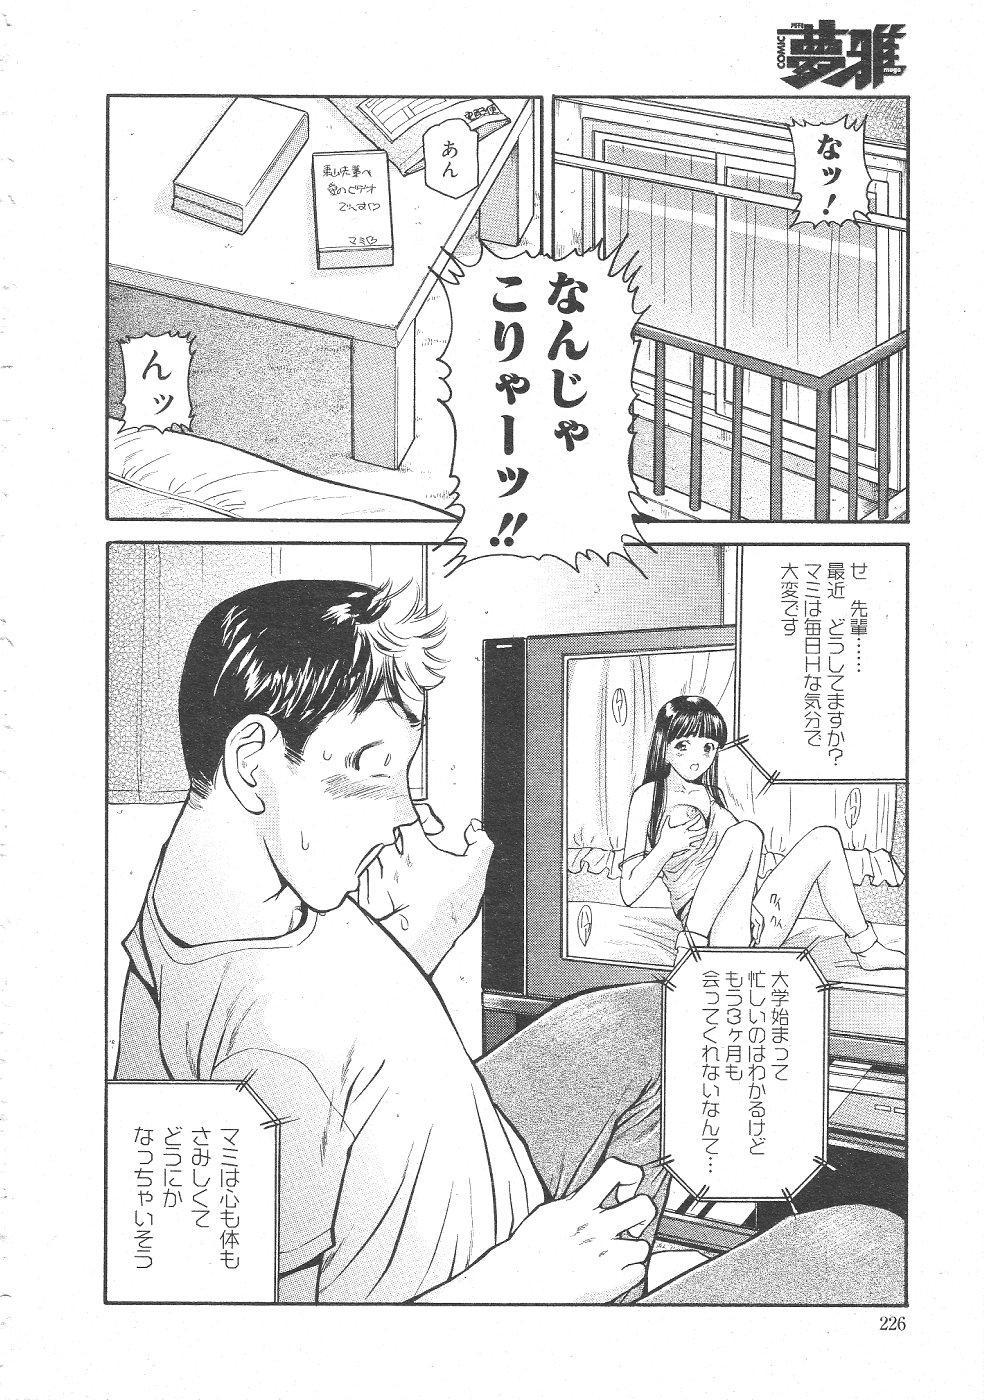 Gekkan Comic Muga 2004-06 Vol.10 229